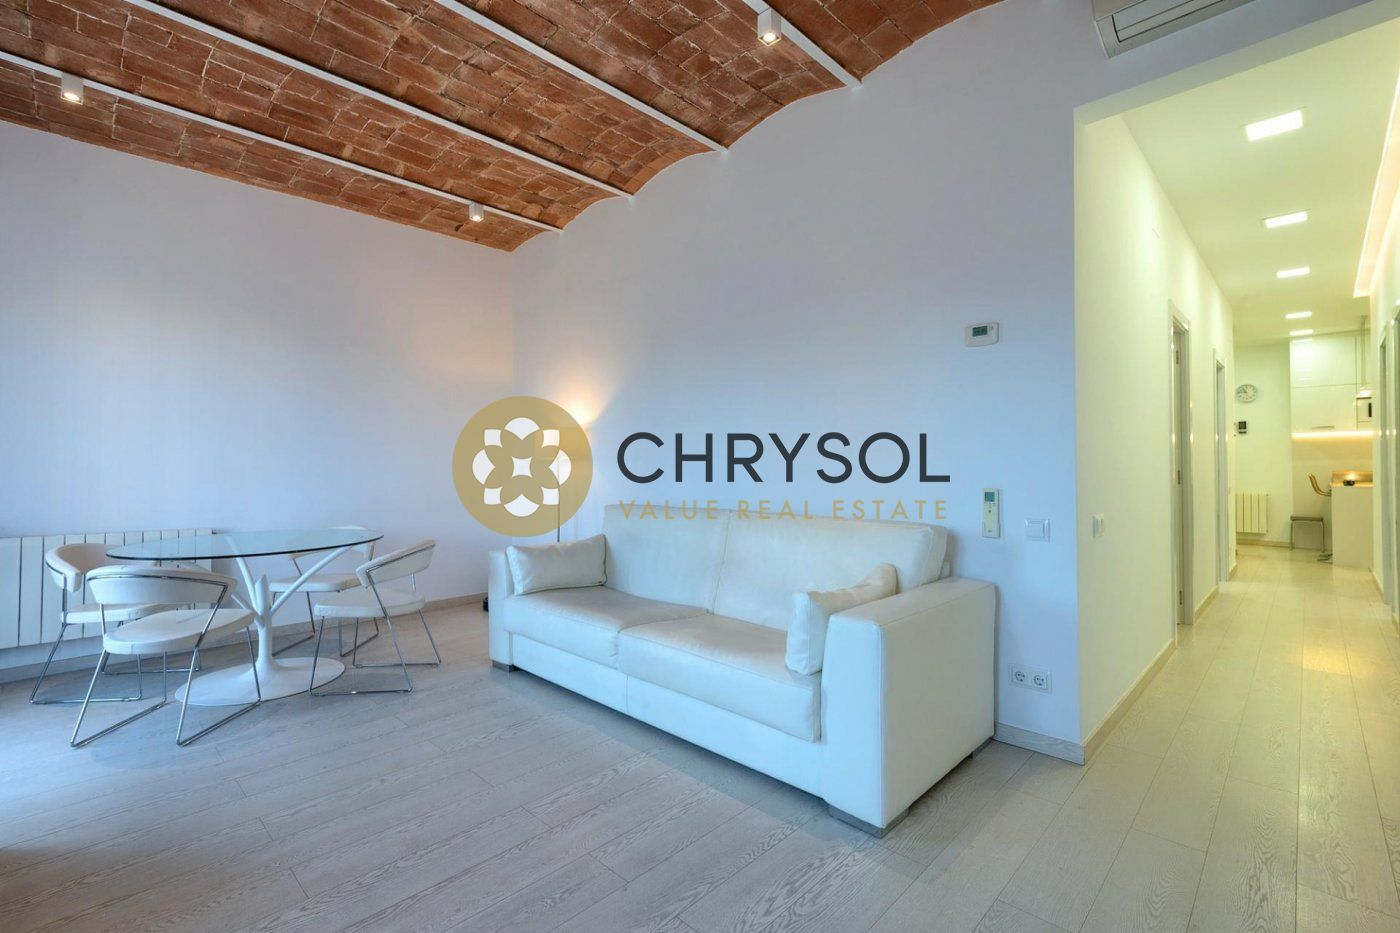 Fotogalería - 2 - Chrysol Value